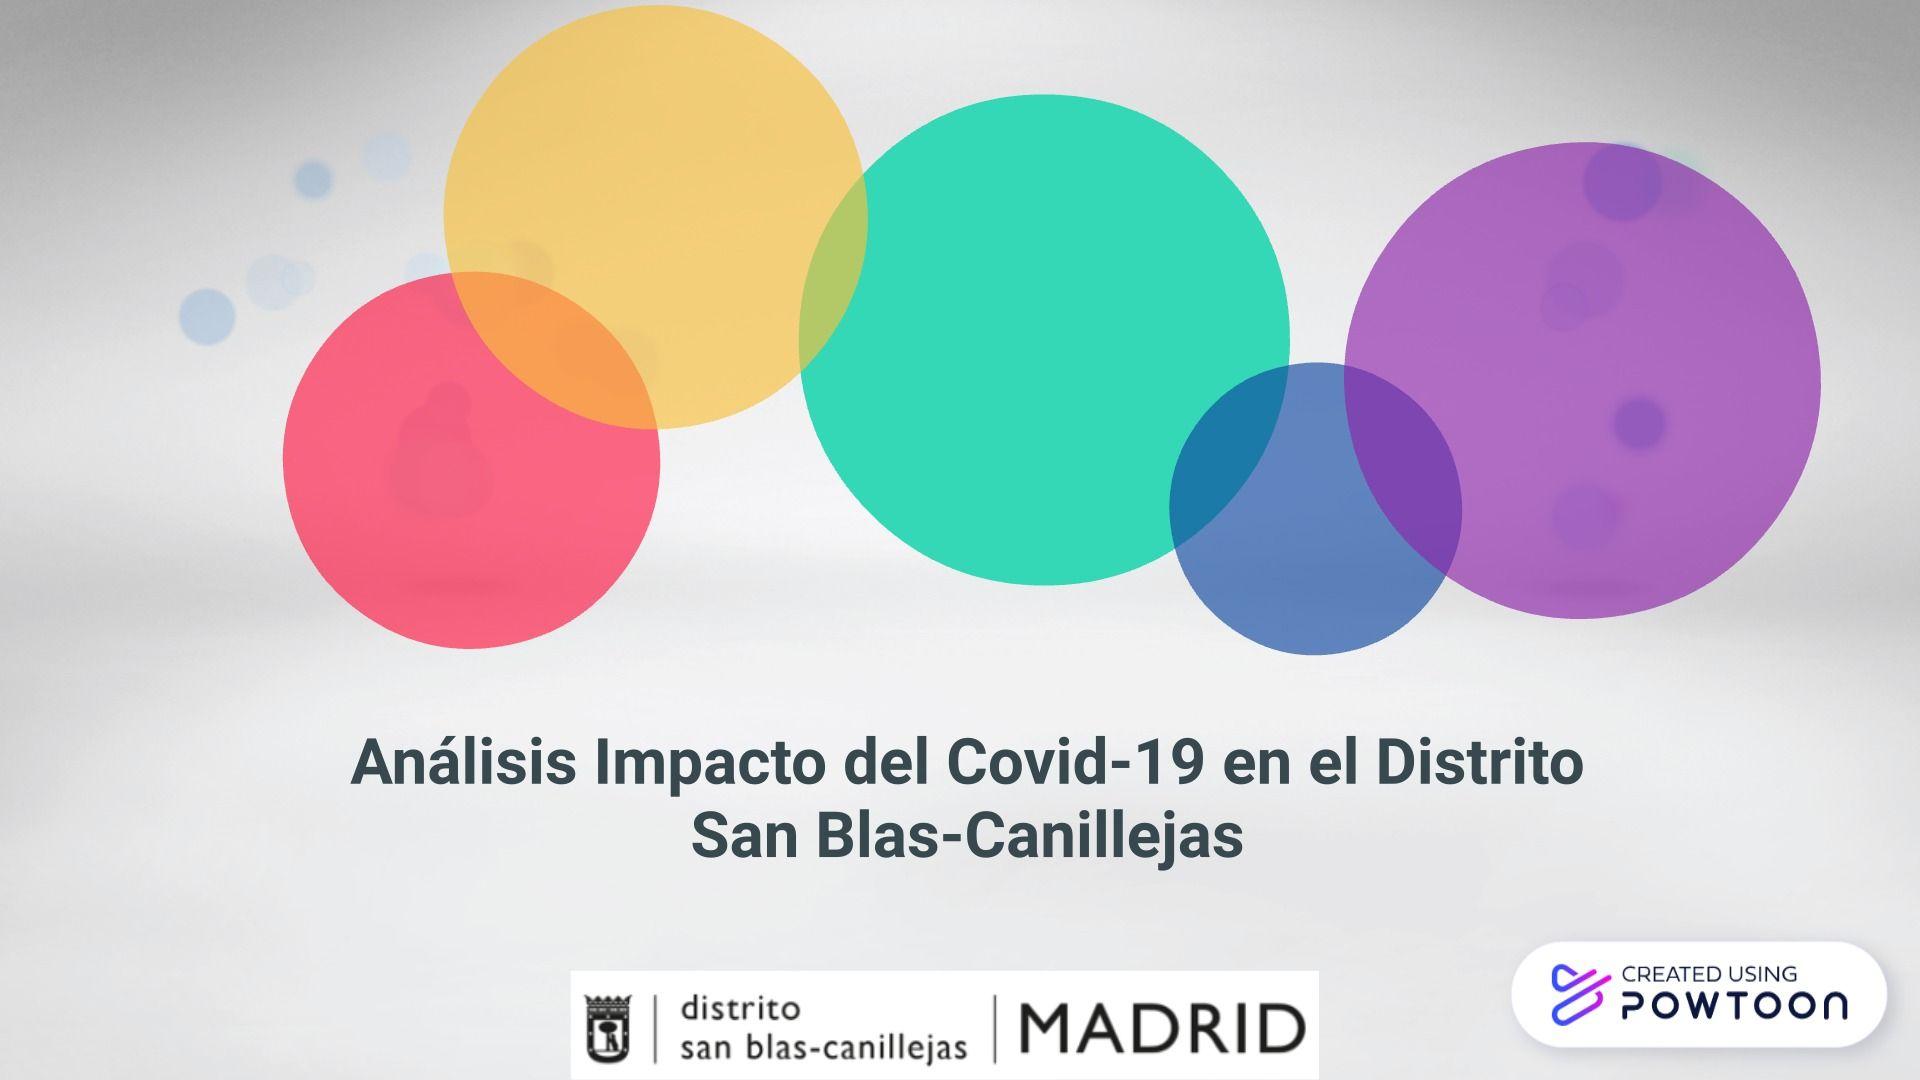 Impacto de la Covid-19 en San Blas-Canillejas